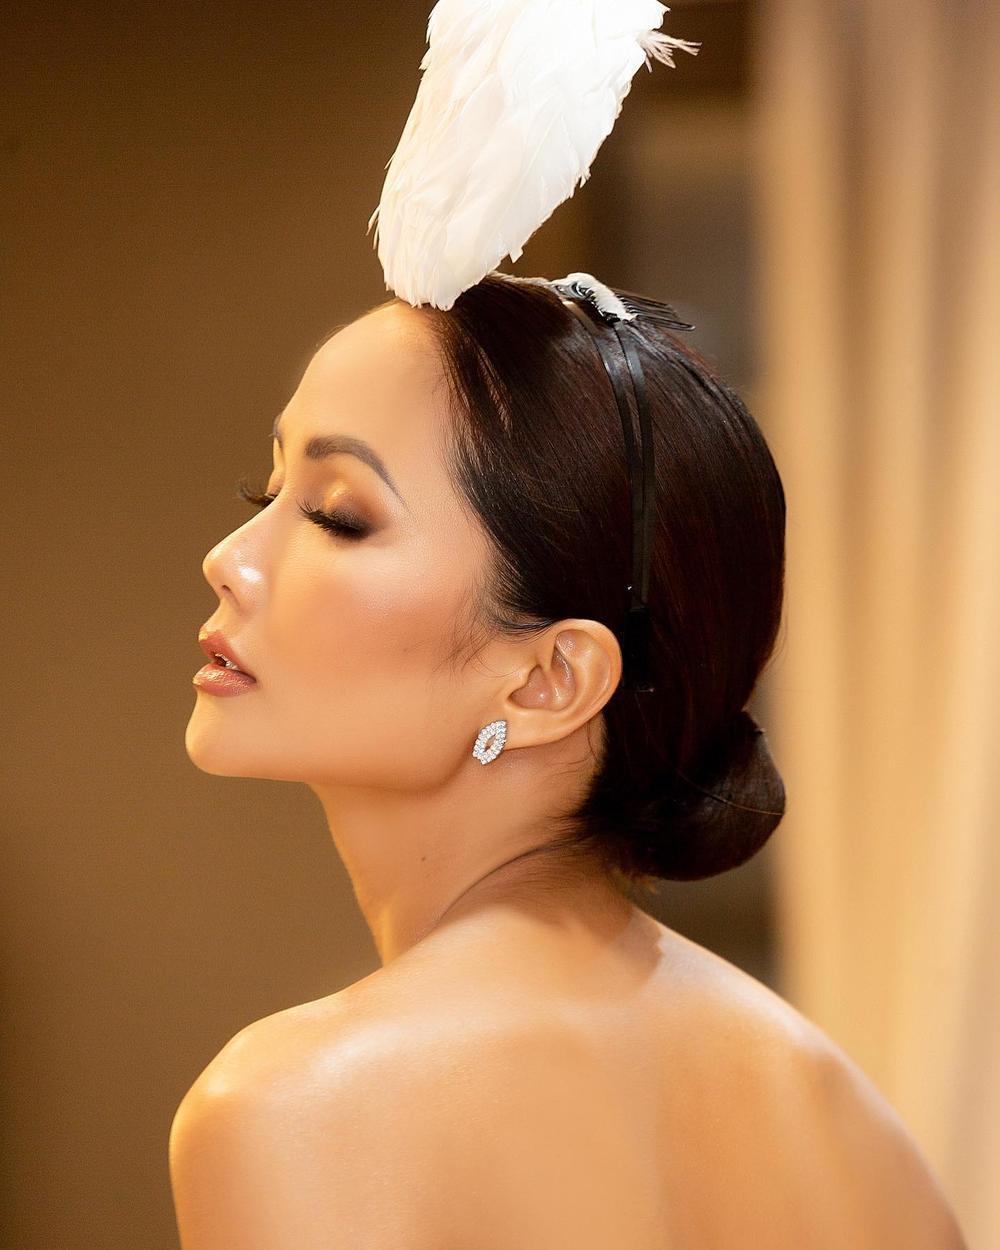 Bị chê Top 5 Miss Universe chưa đủ trình để ngồi ghế giám khảo: H'Hen Niê đáp trả anti-fan cực khéo! Ảnh 6